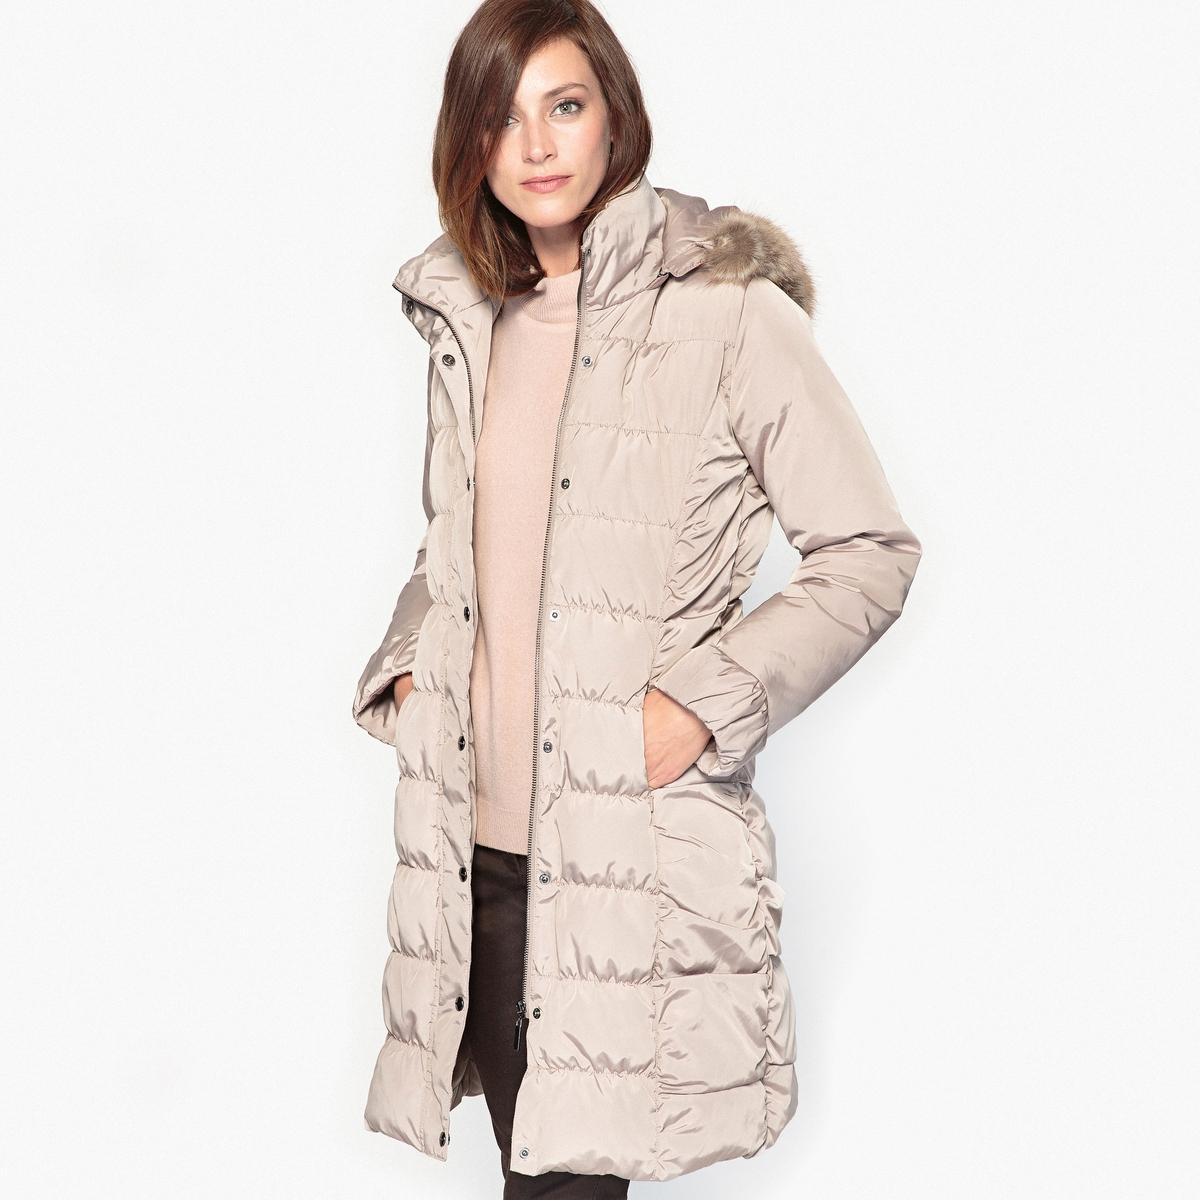 Куртка стеганая с натуральным пухом, пропитка тефлон